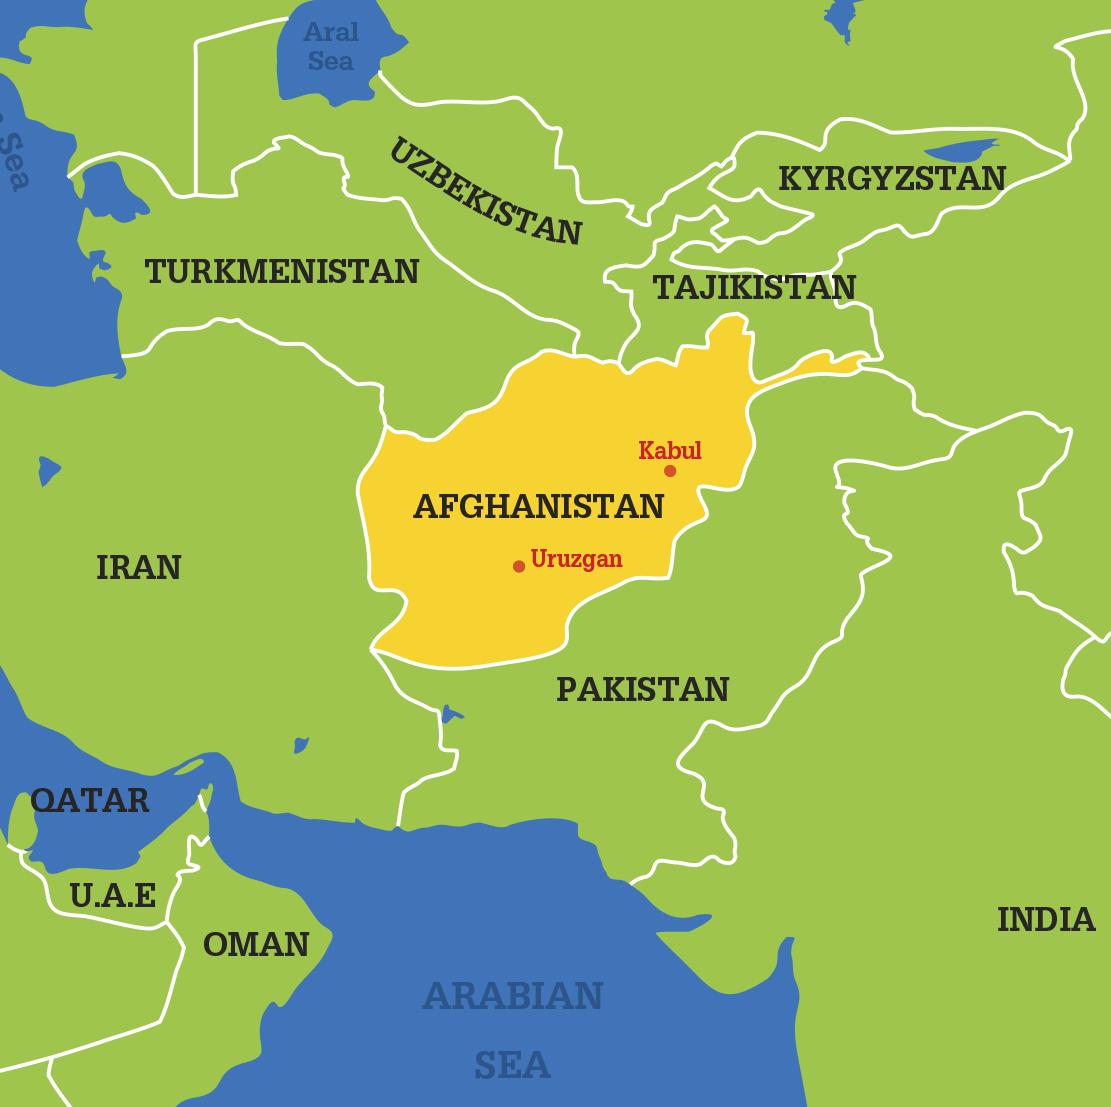 द्वन्द्वग्रस्त अफगानिस्तानमा राष्ट्रपतिय निर्वाचन सेप्टेम्बर २८ मा